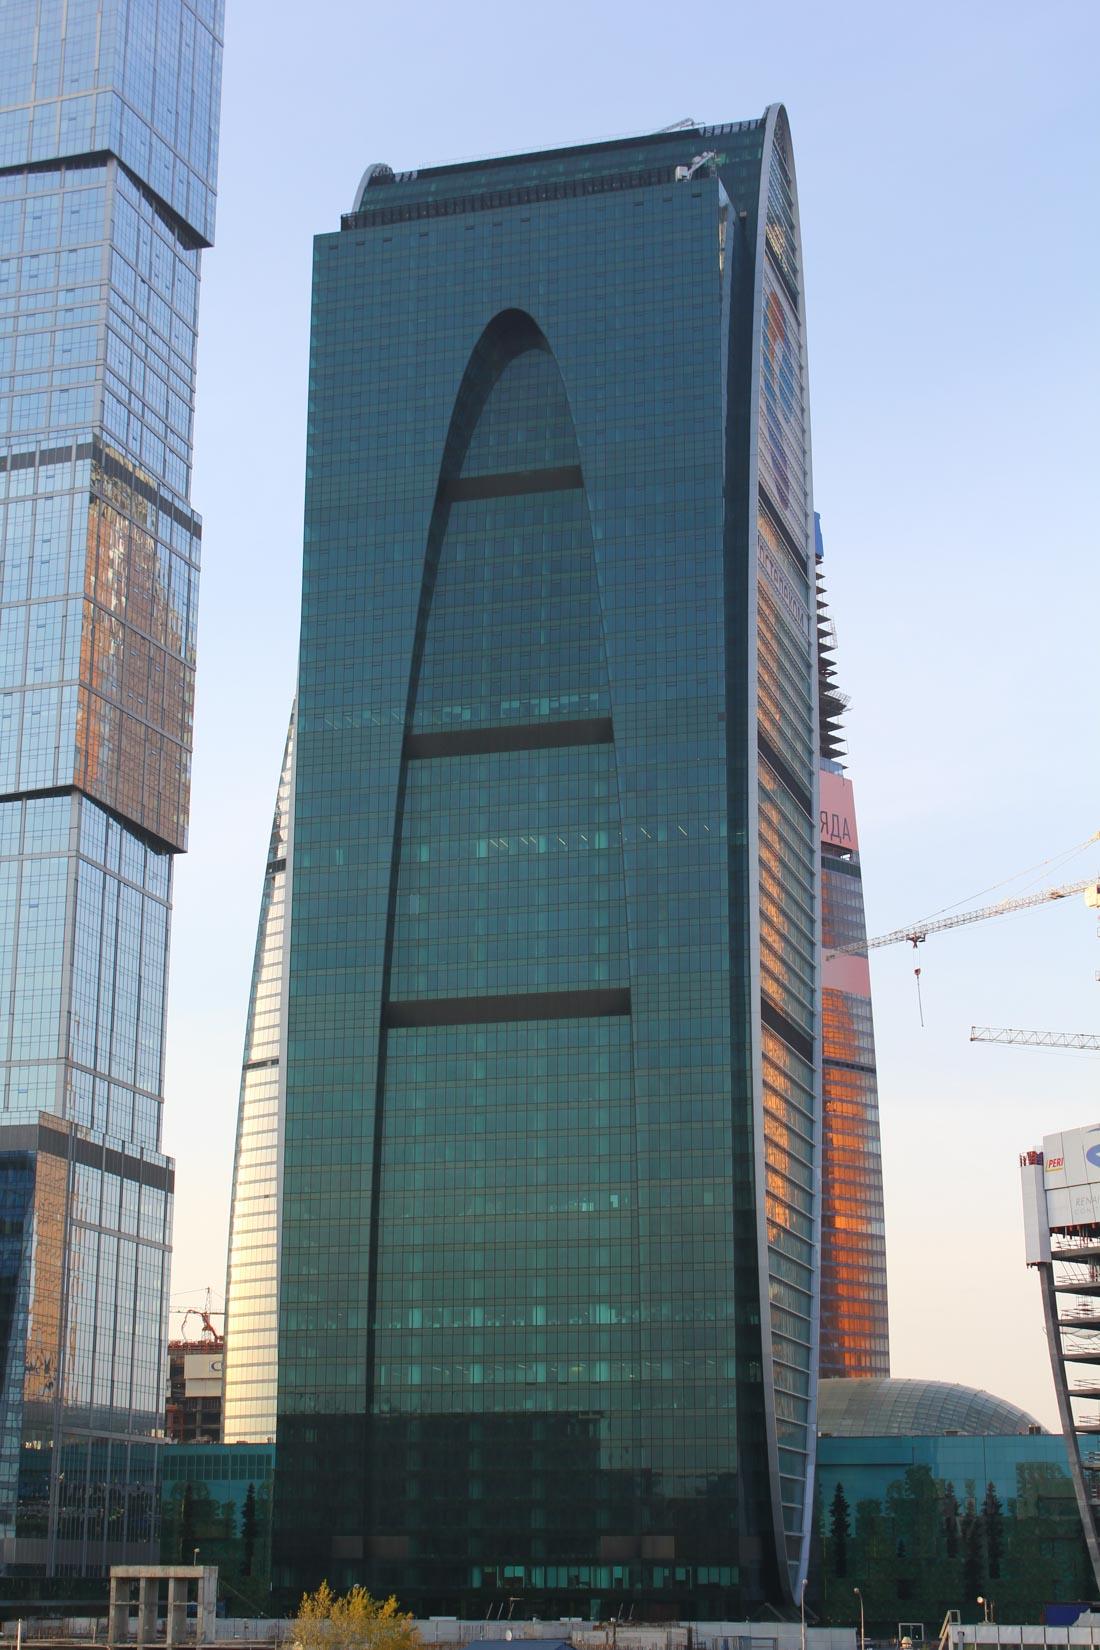 Башня «Империя» в Москва-Сити (Москва) — смотровая площадка открылась в 2014 году на высоте 58-го эт